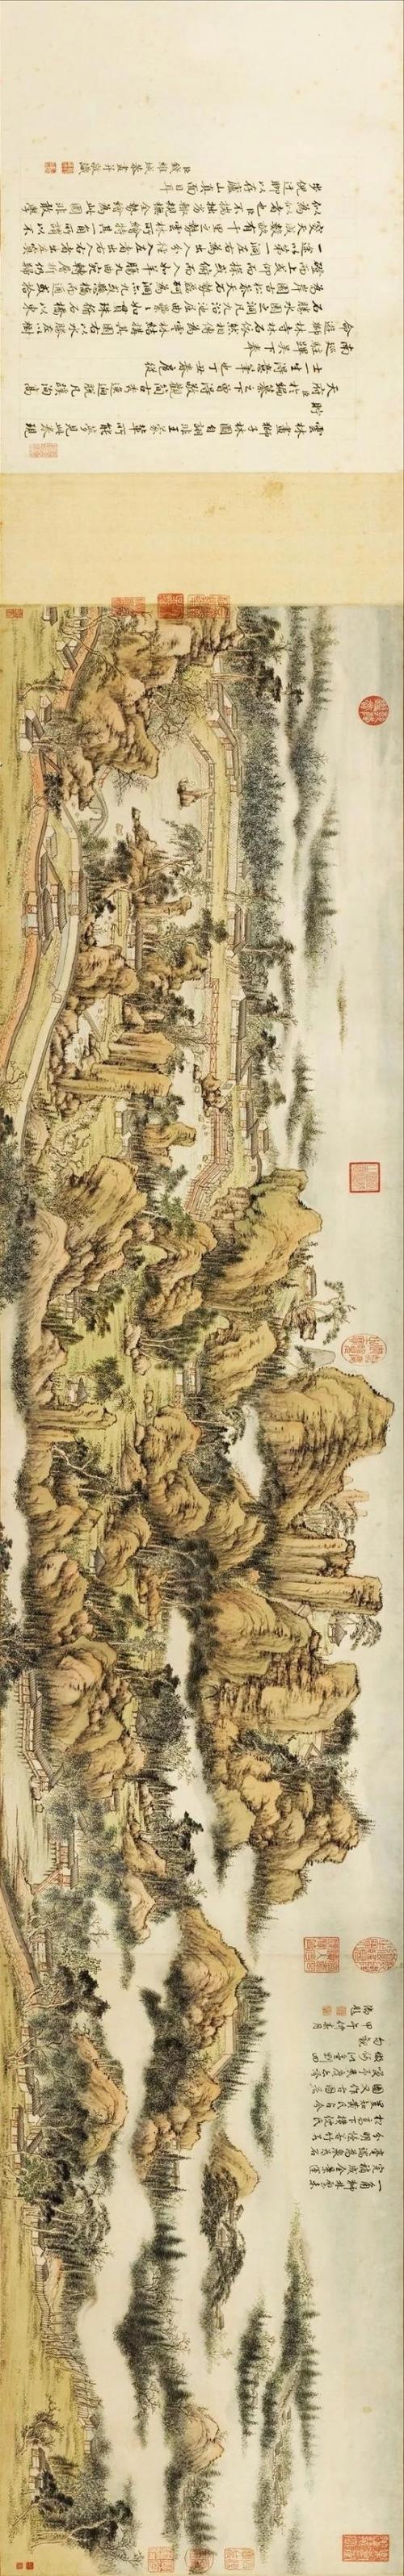 钱维城《狮子林图卷》,加拿大阿尔伯特博物馆藏